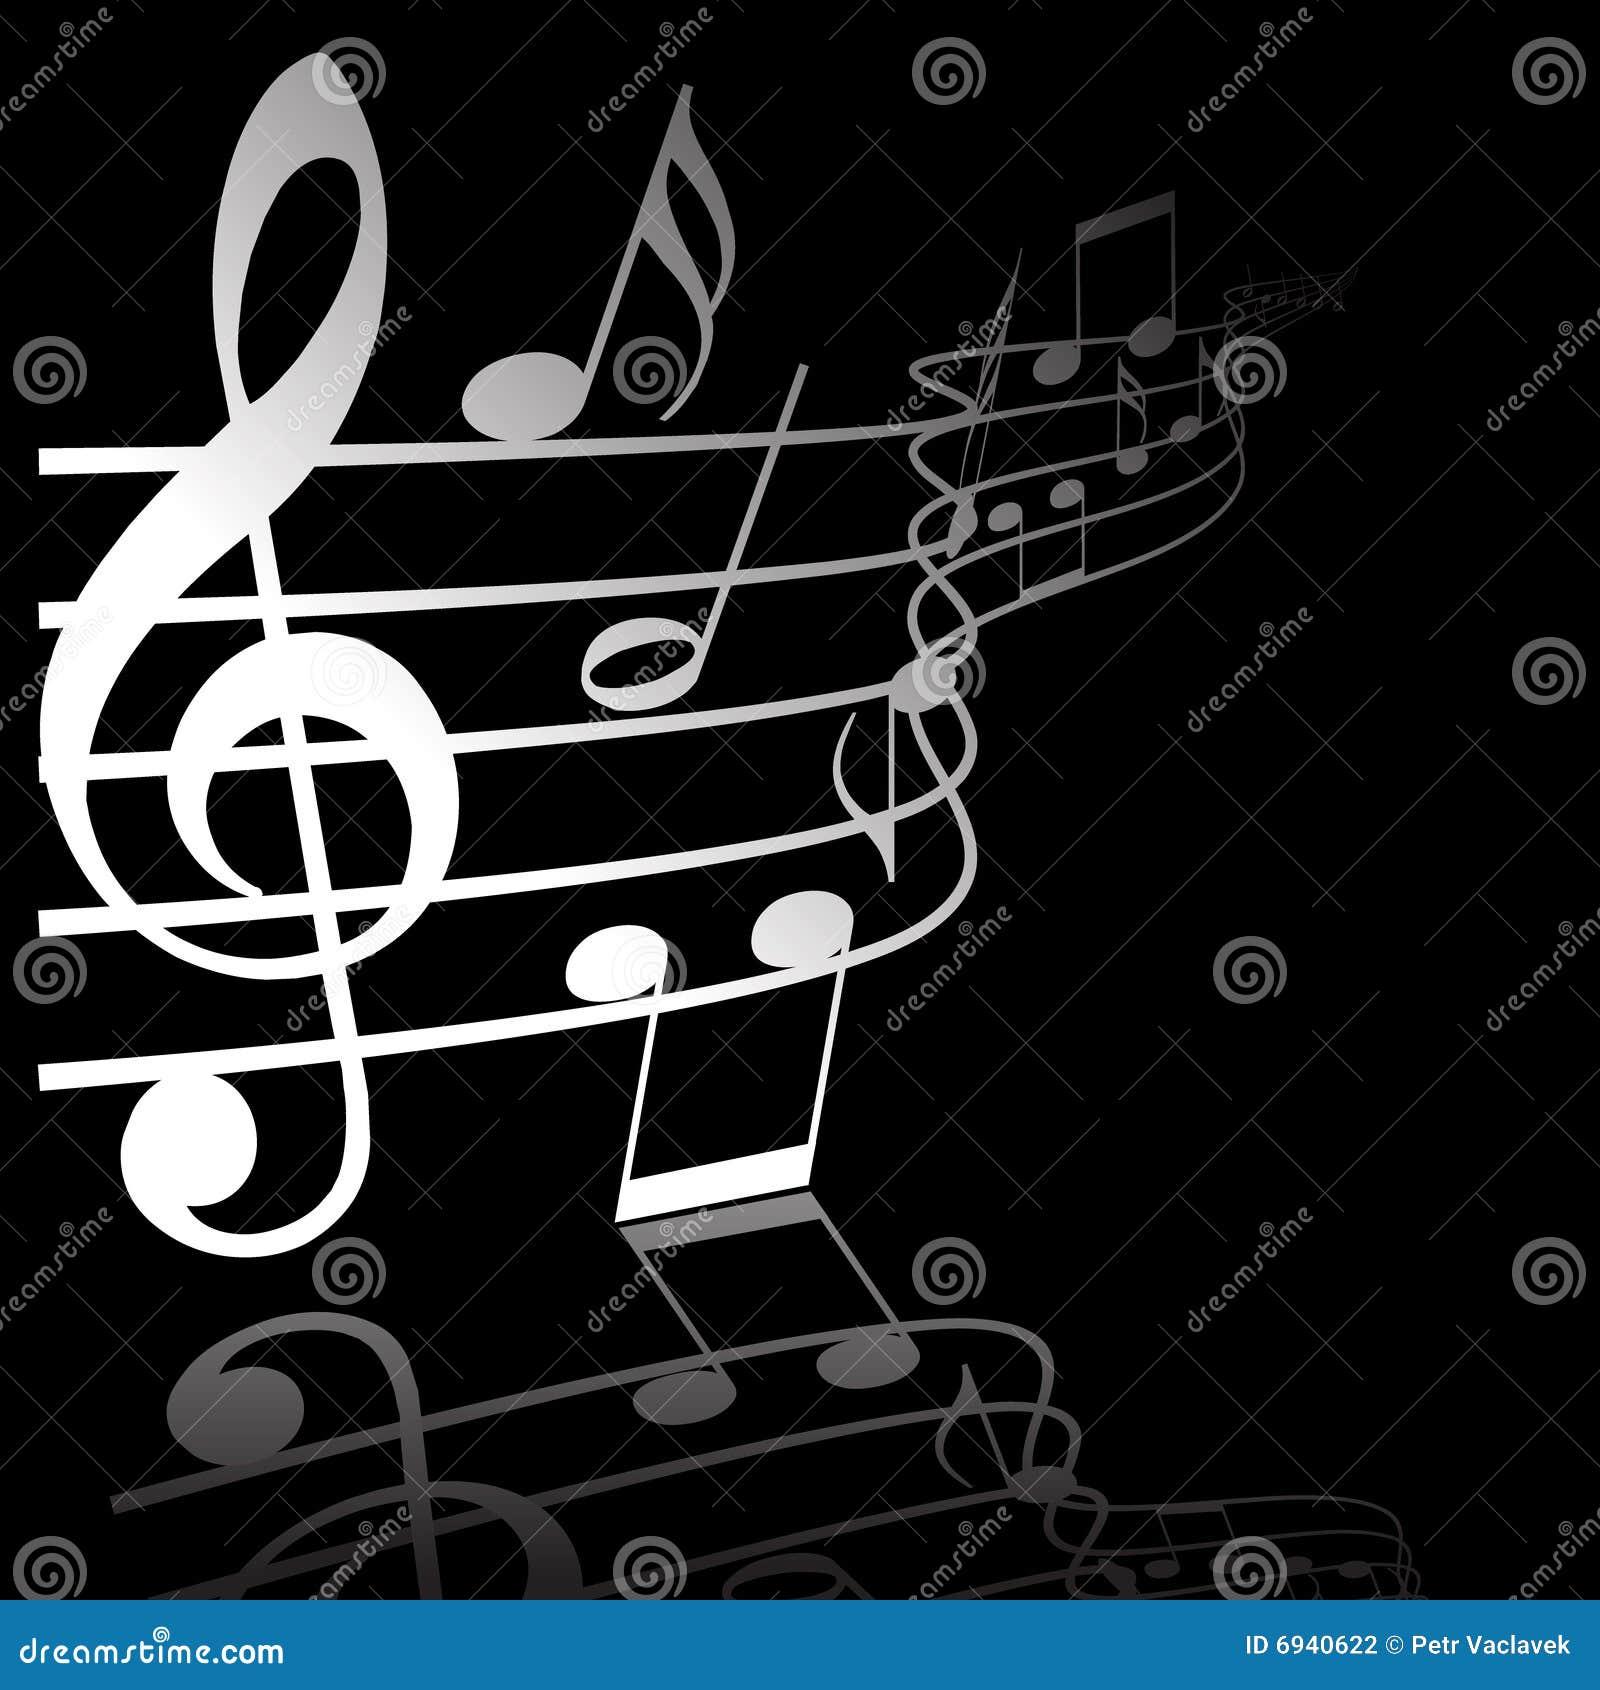 Th me de musique photographie stock image 6940622 for Photographie de stock